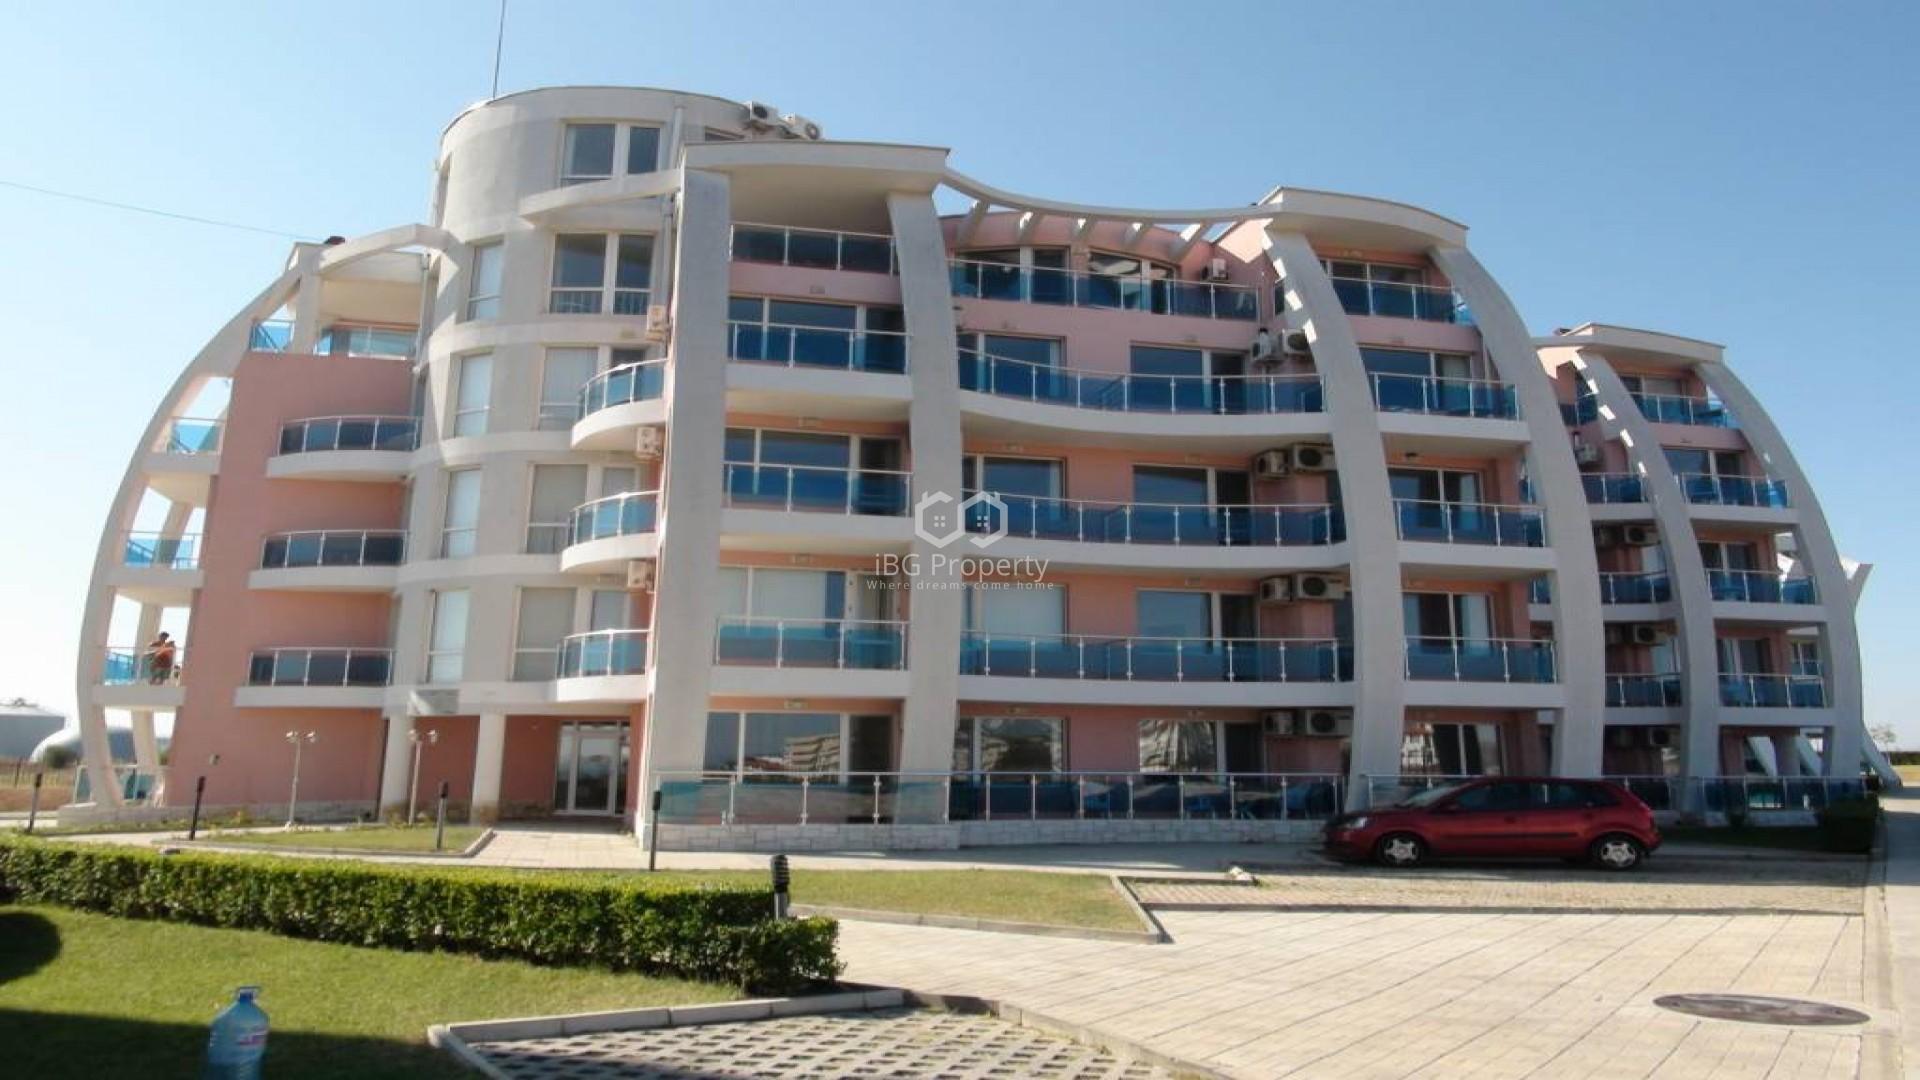 Zweizimmerwohnung in Aheloy 95 m2